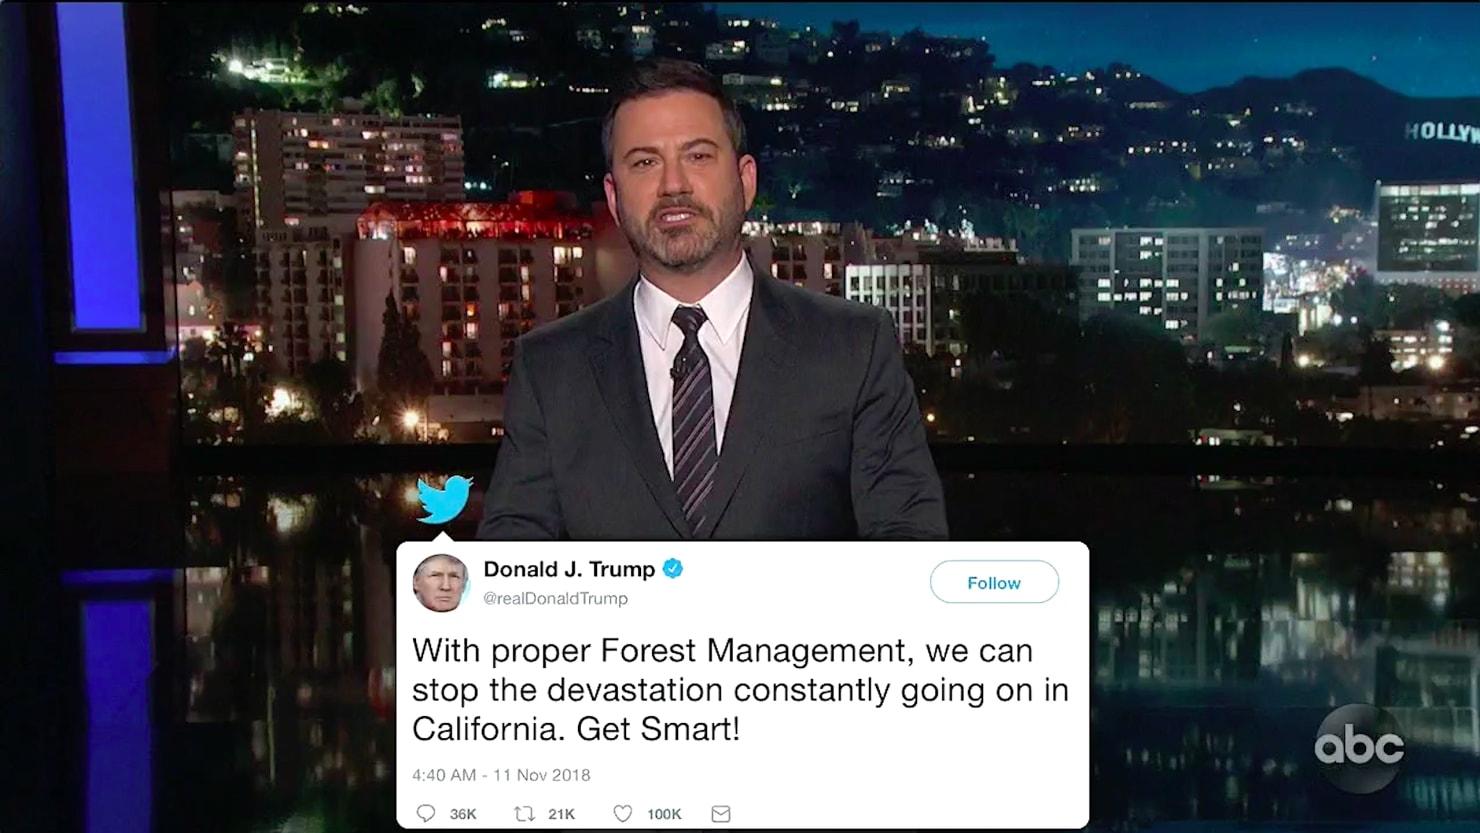 thedailybeast.com - Matt Wilstein - Kimmel Rips Trump's Heartless Response to California Fires